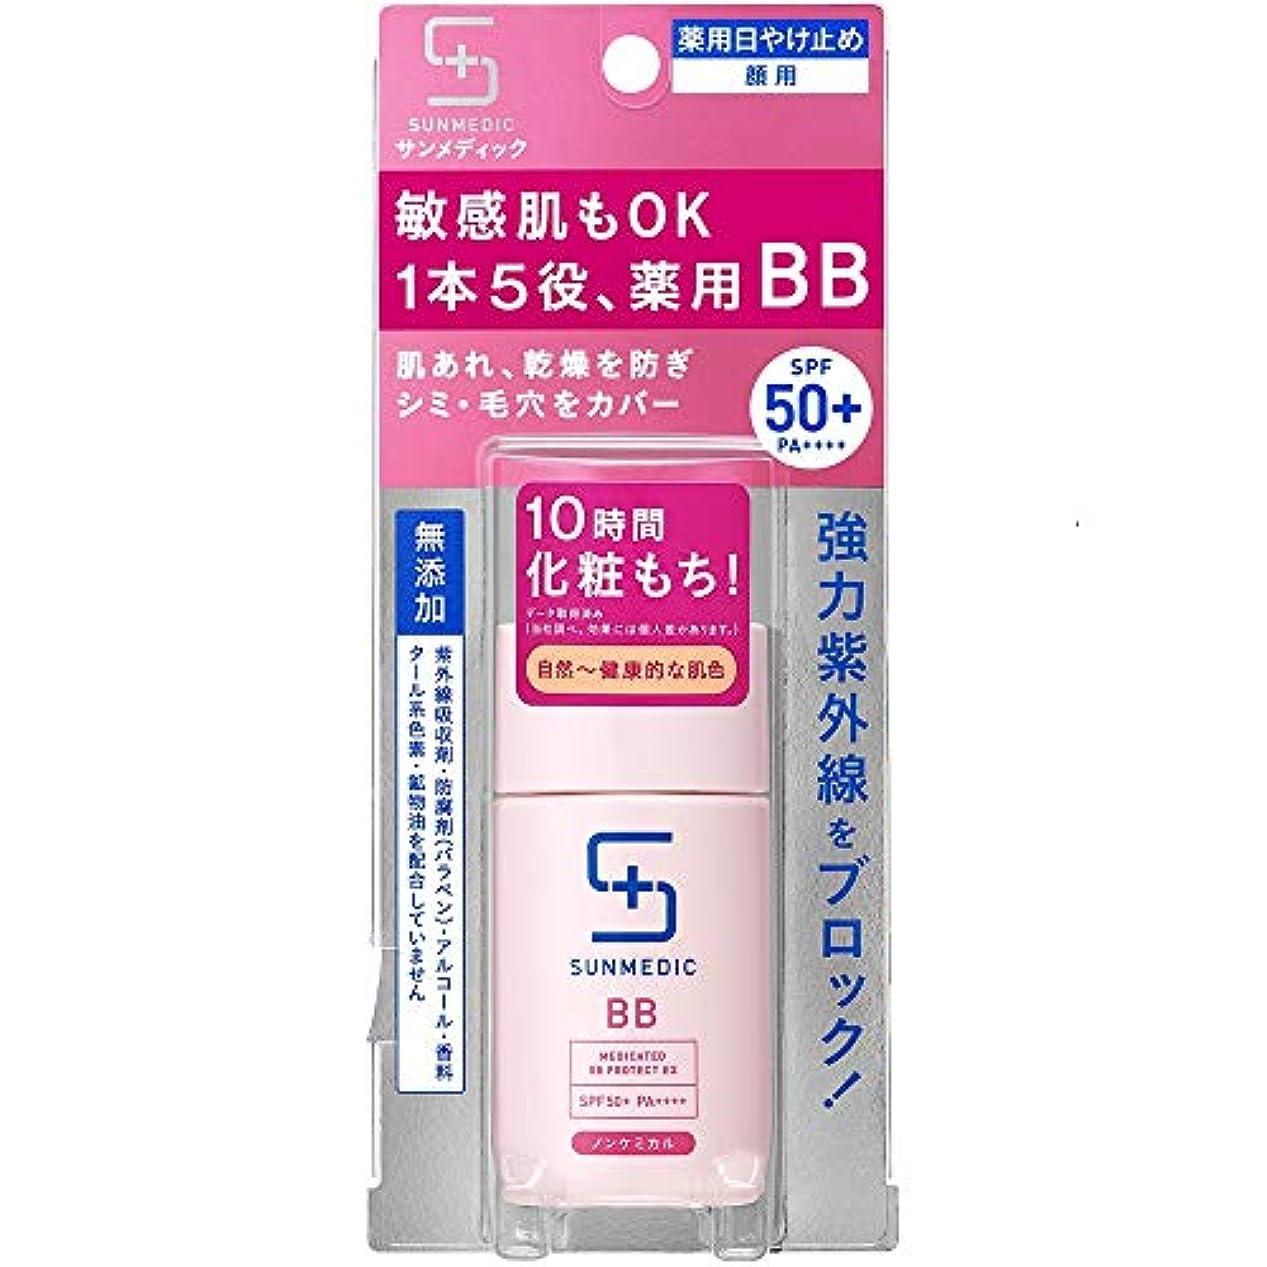 時制離婚ブリリアントサンメディックUV 薬用BBプロテクトEX ナチュラル 30ml (医薬部外品)